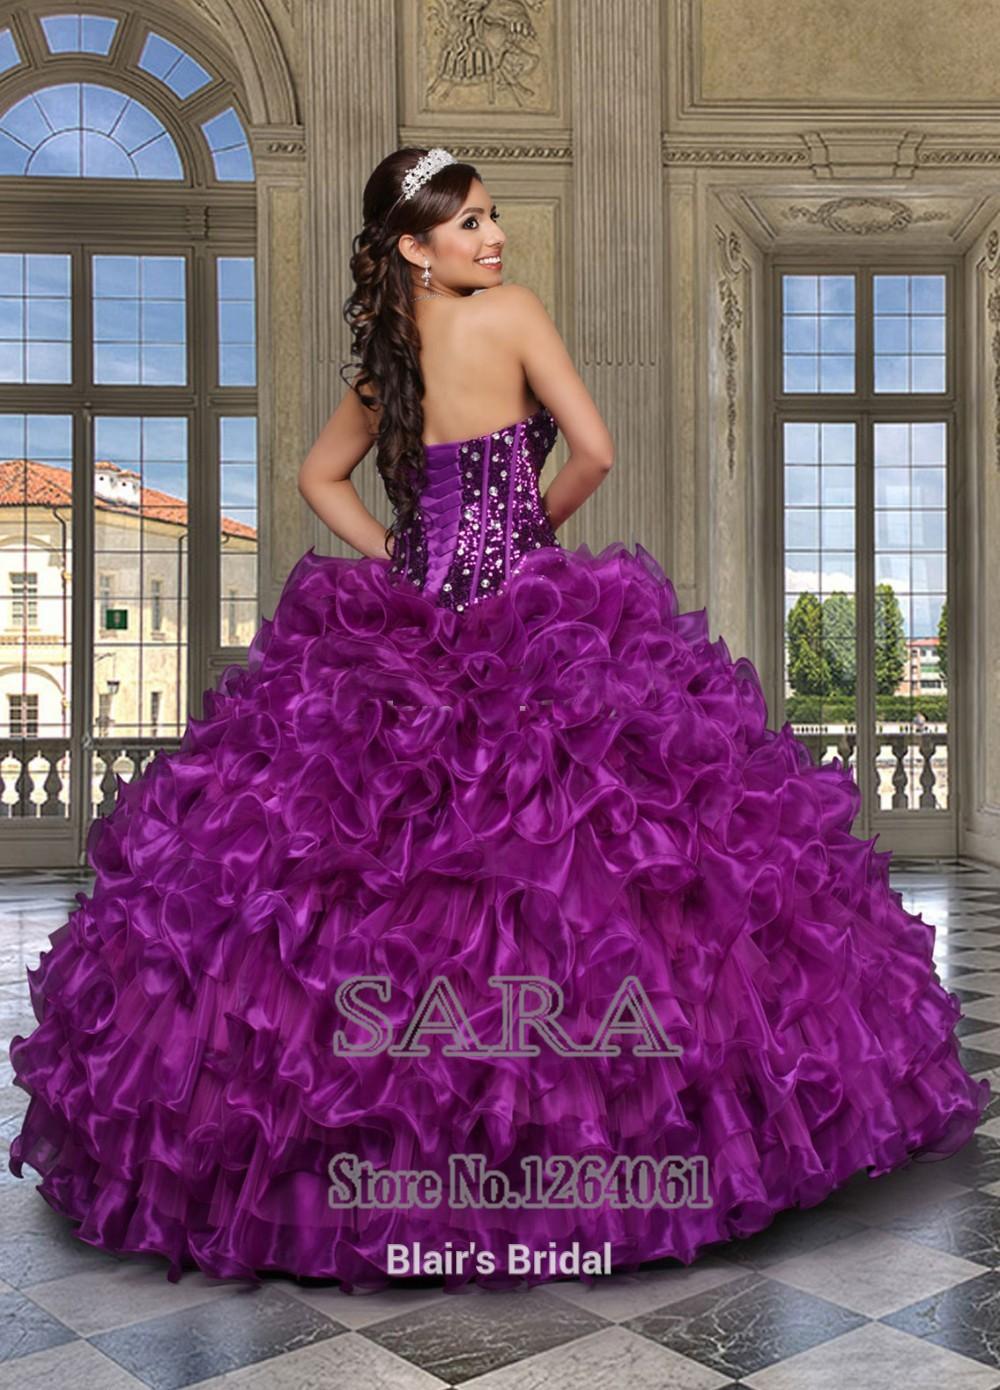 328382f8b Nueva Unique 2014 Deep Purple Quinceanera vestidos 15 años con ...